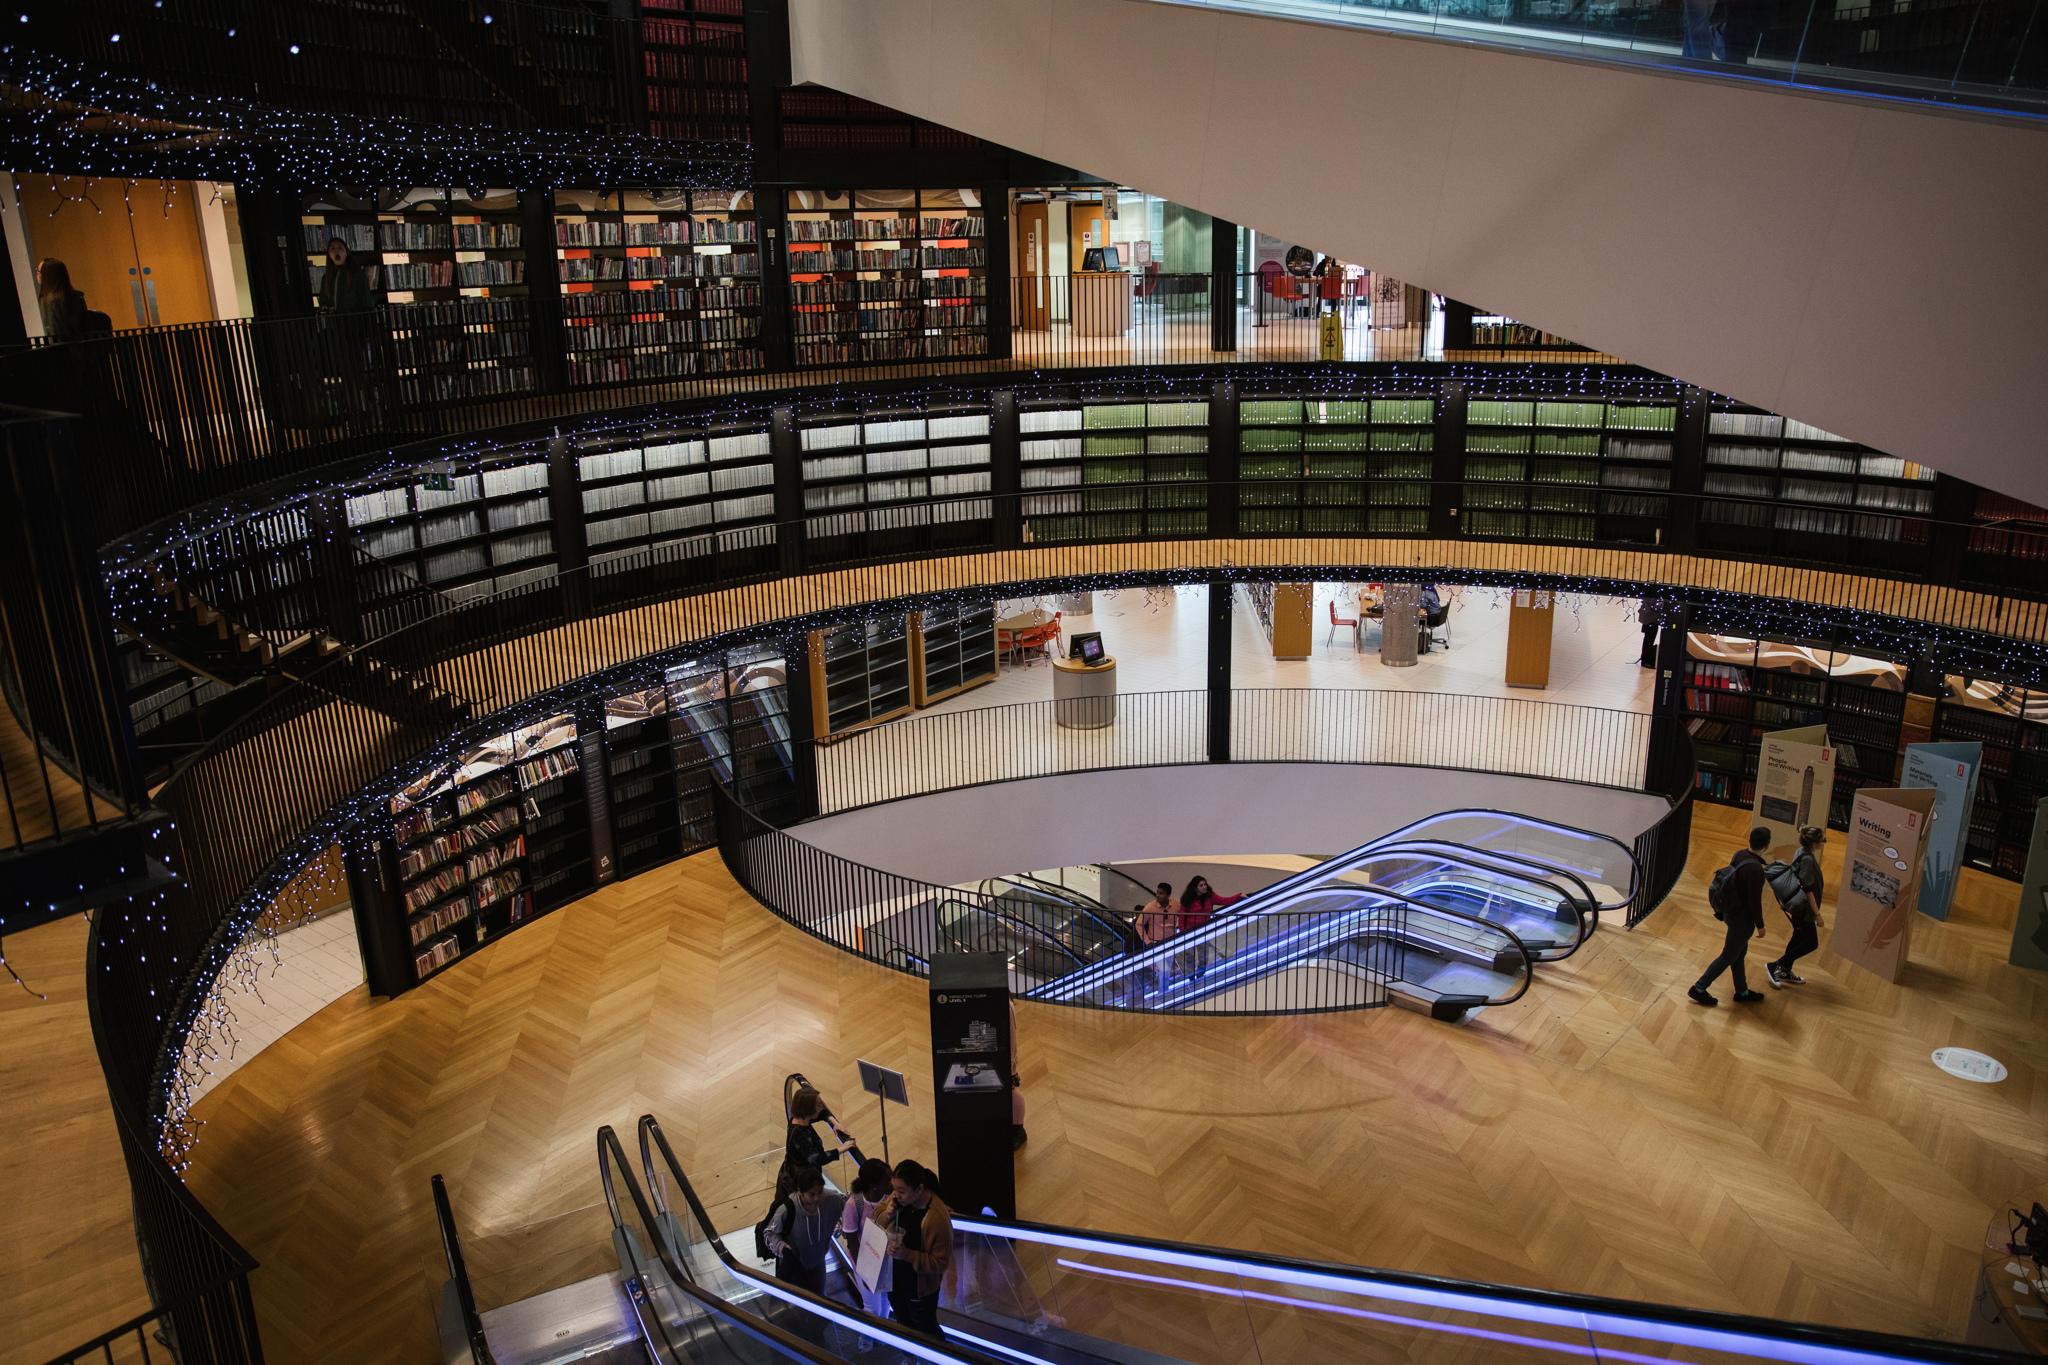 Darren-Harriott-LNR_Birmingham-Library-180.JPG